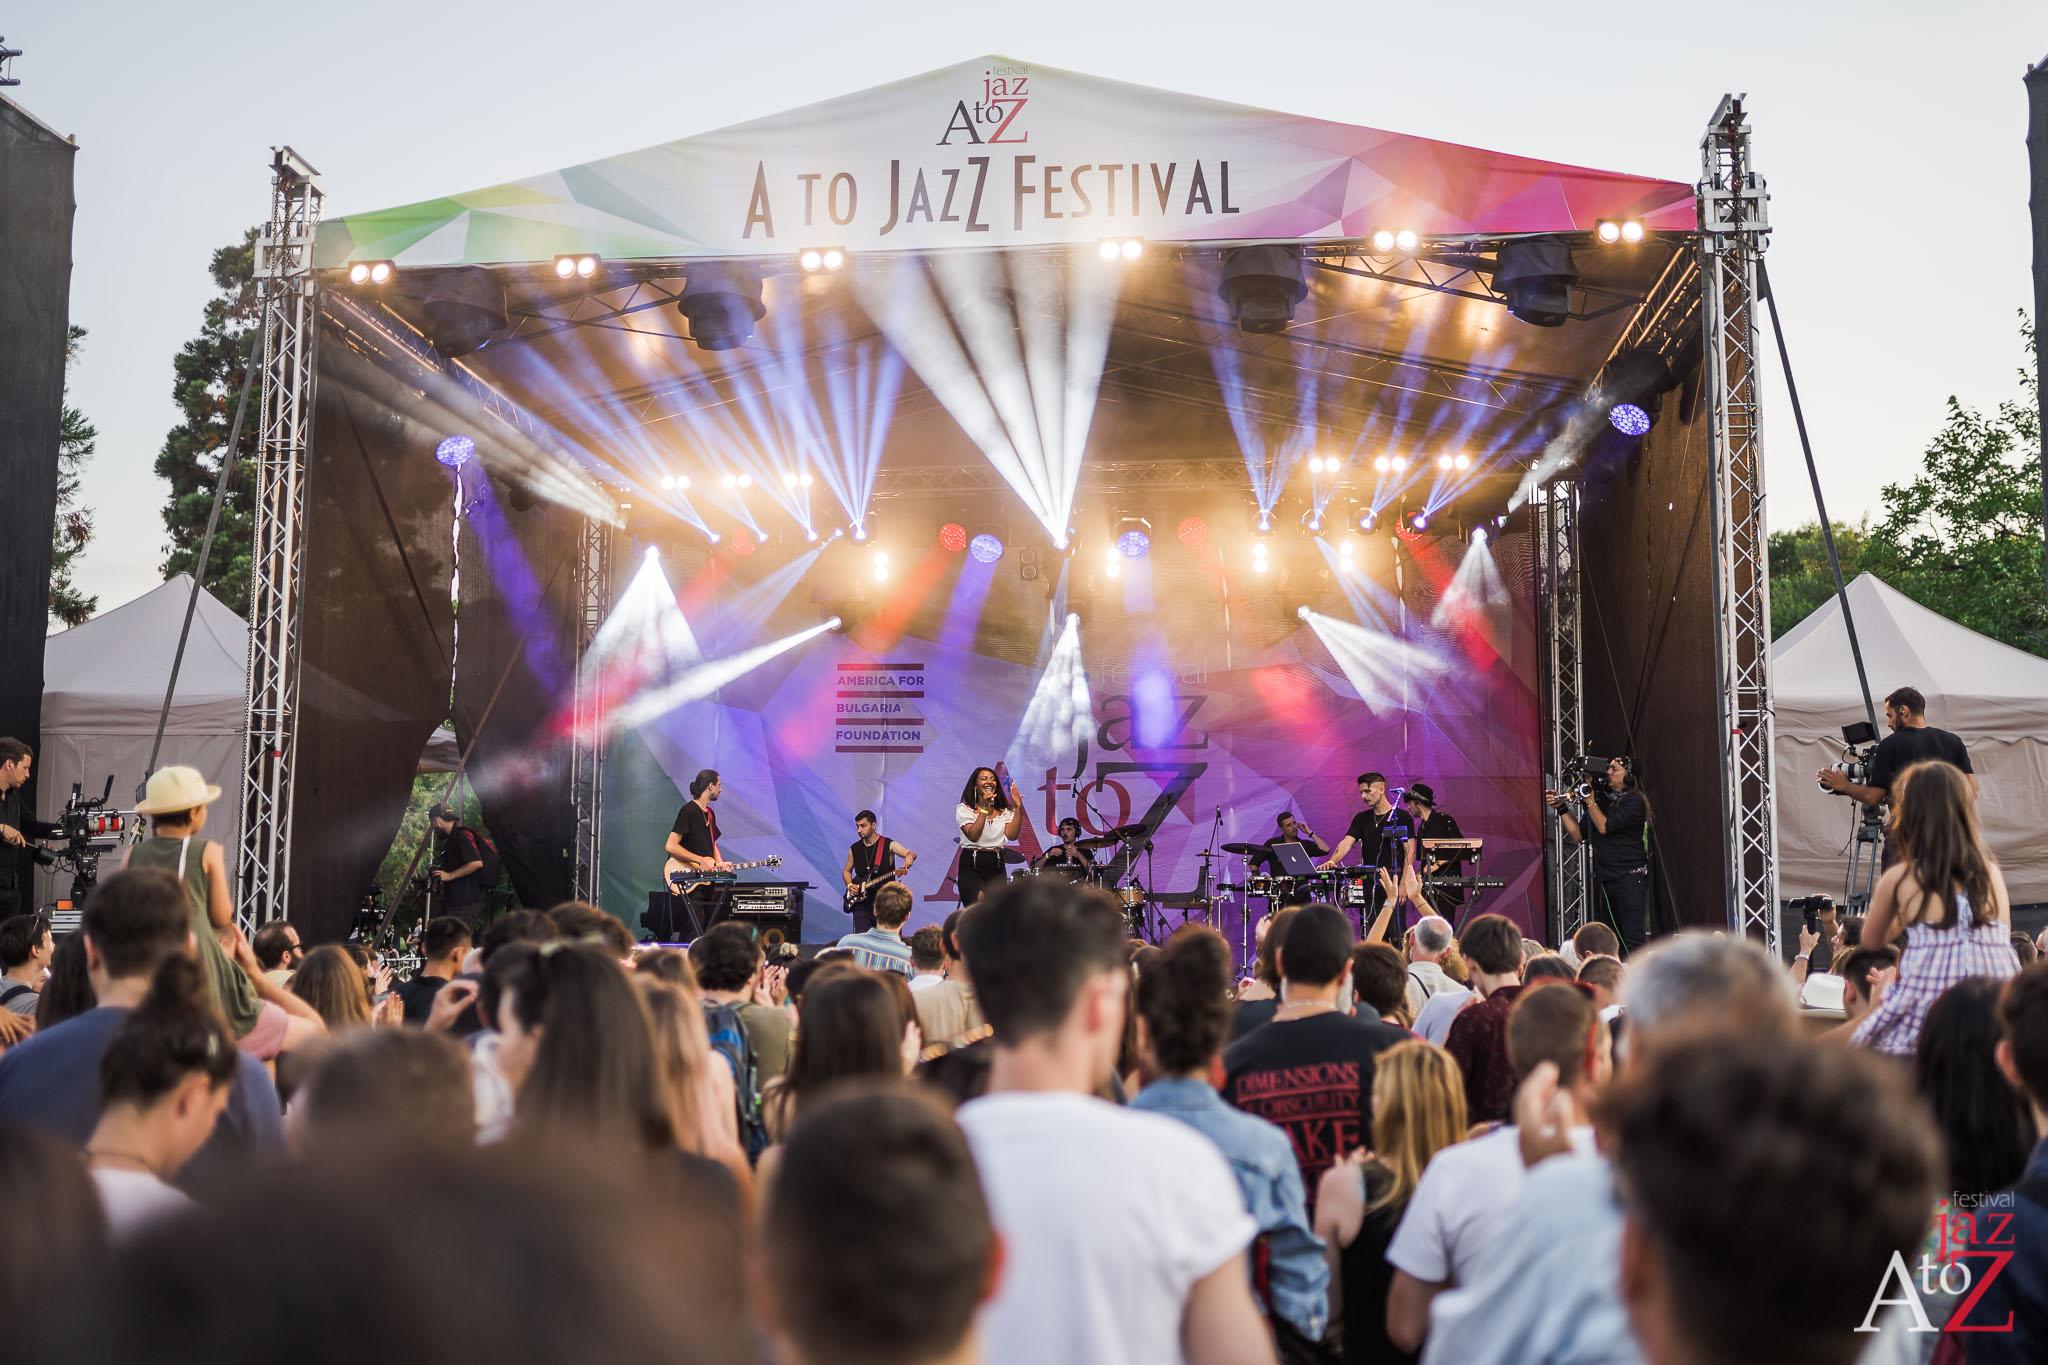 Този уикенд очакваме най-мащабния фестивал A to JazZ 141